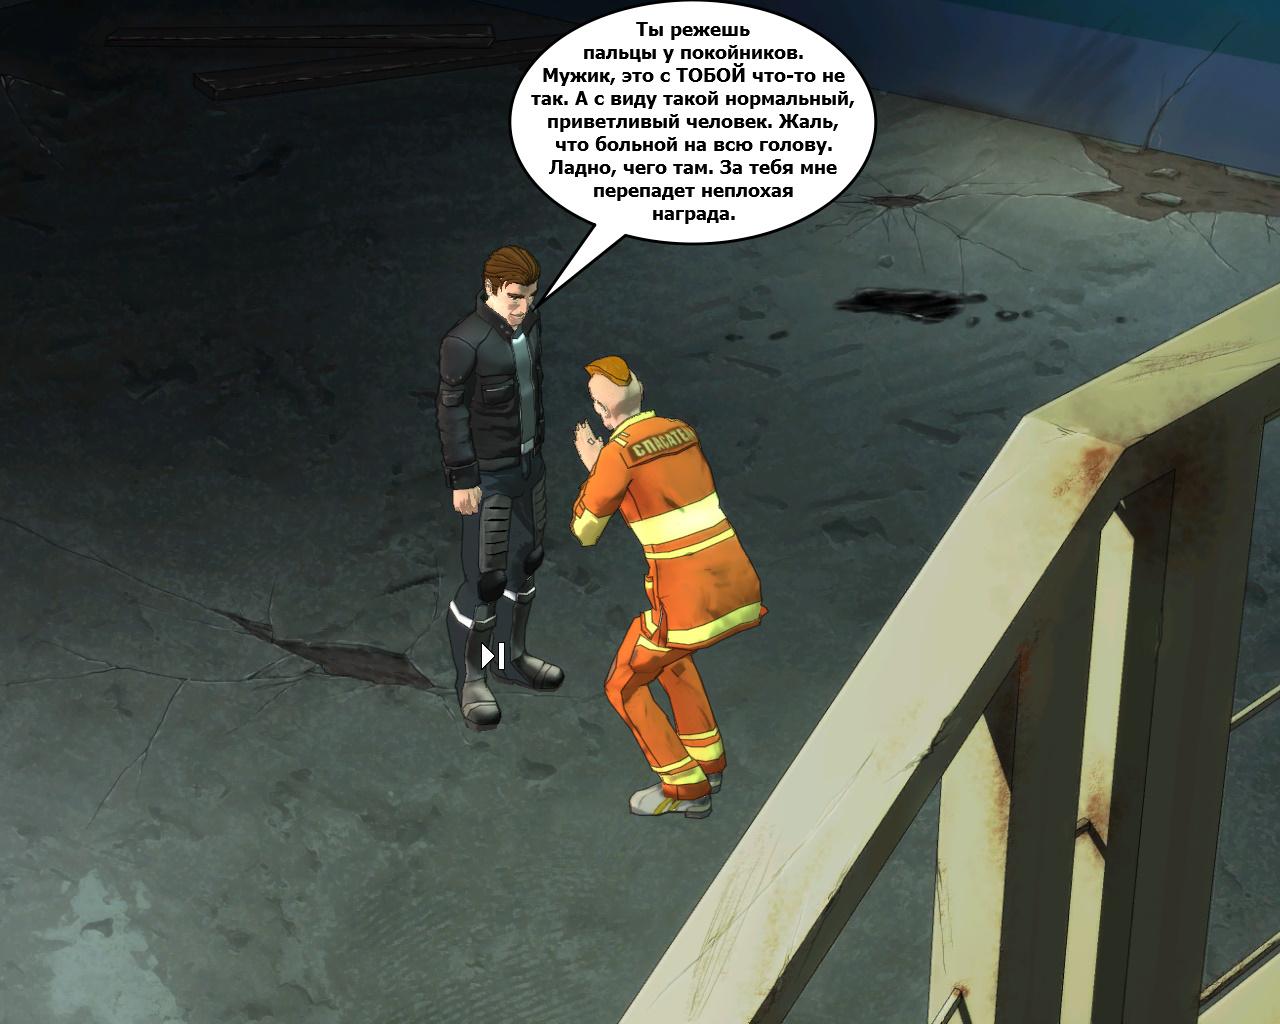 Goin' Downtown - Джейк проводит арест чокнутого парамедика (уровень 3)